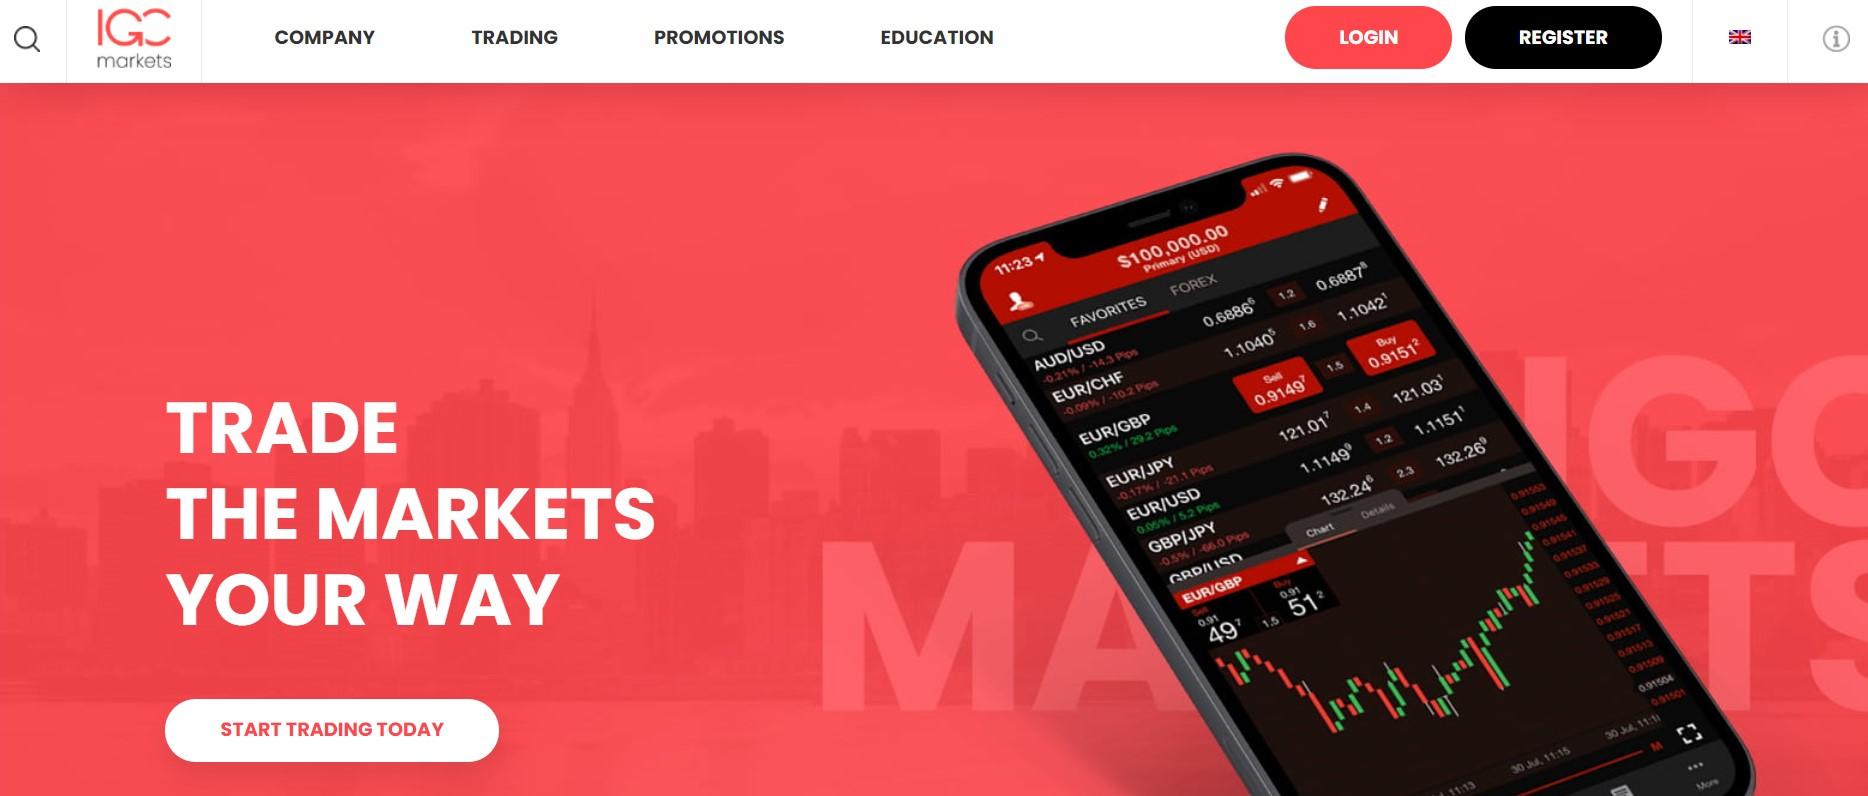 IGC Markets website